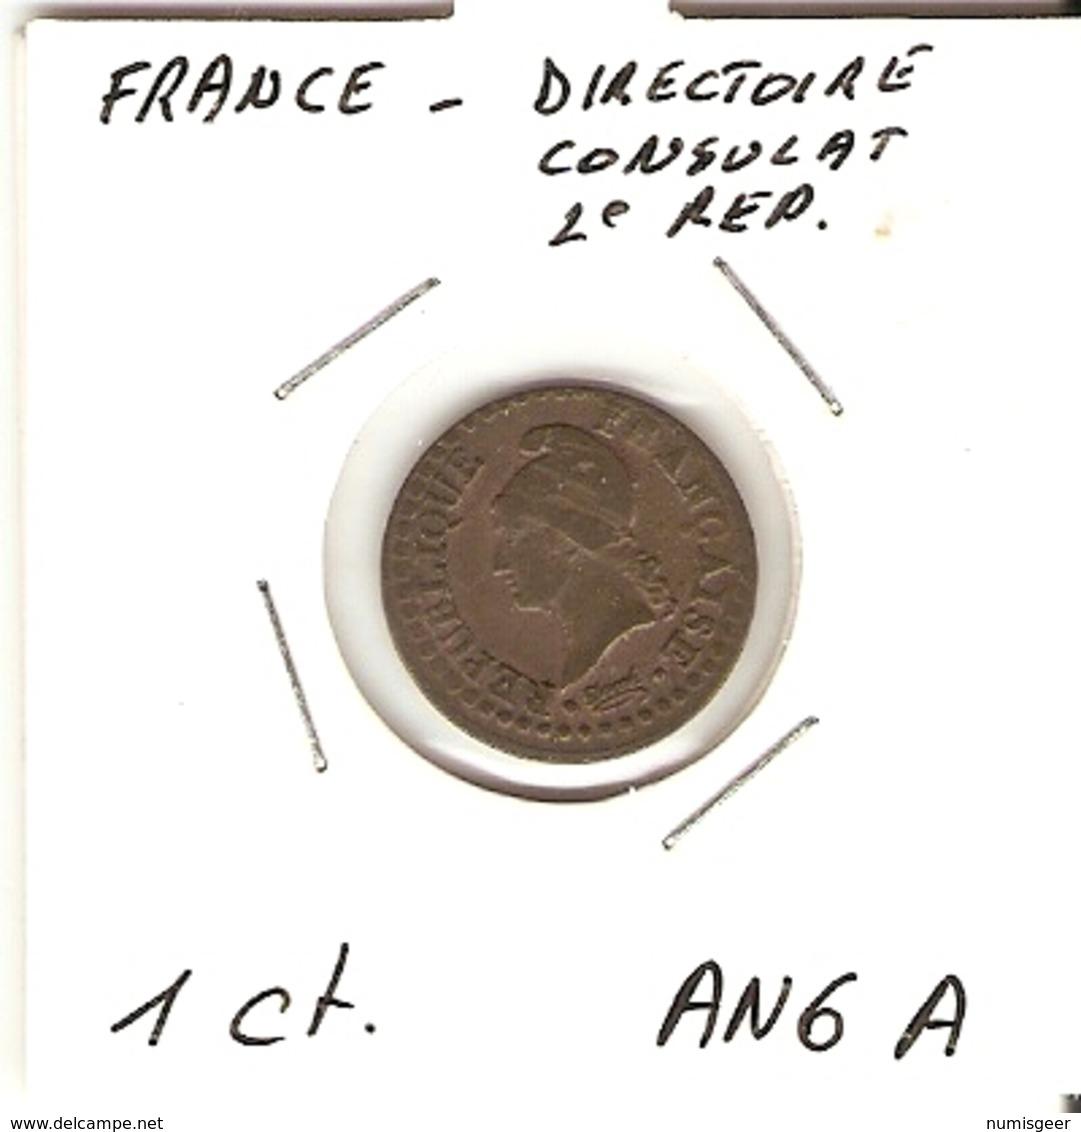 Directoire/Consulat/ 2° République  --  1 Ct. AN 6 A (1797-98) - France